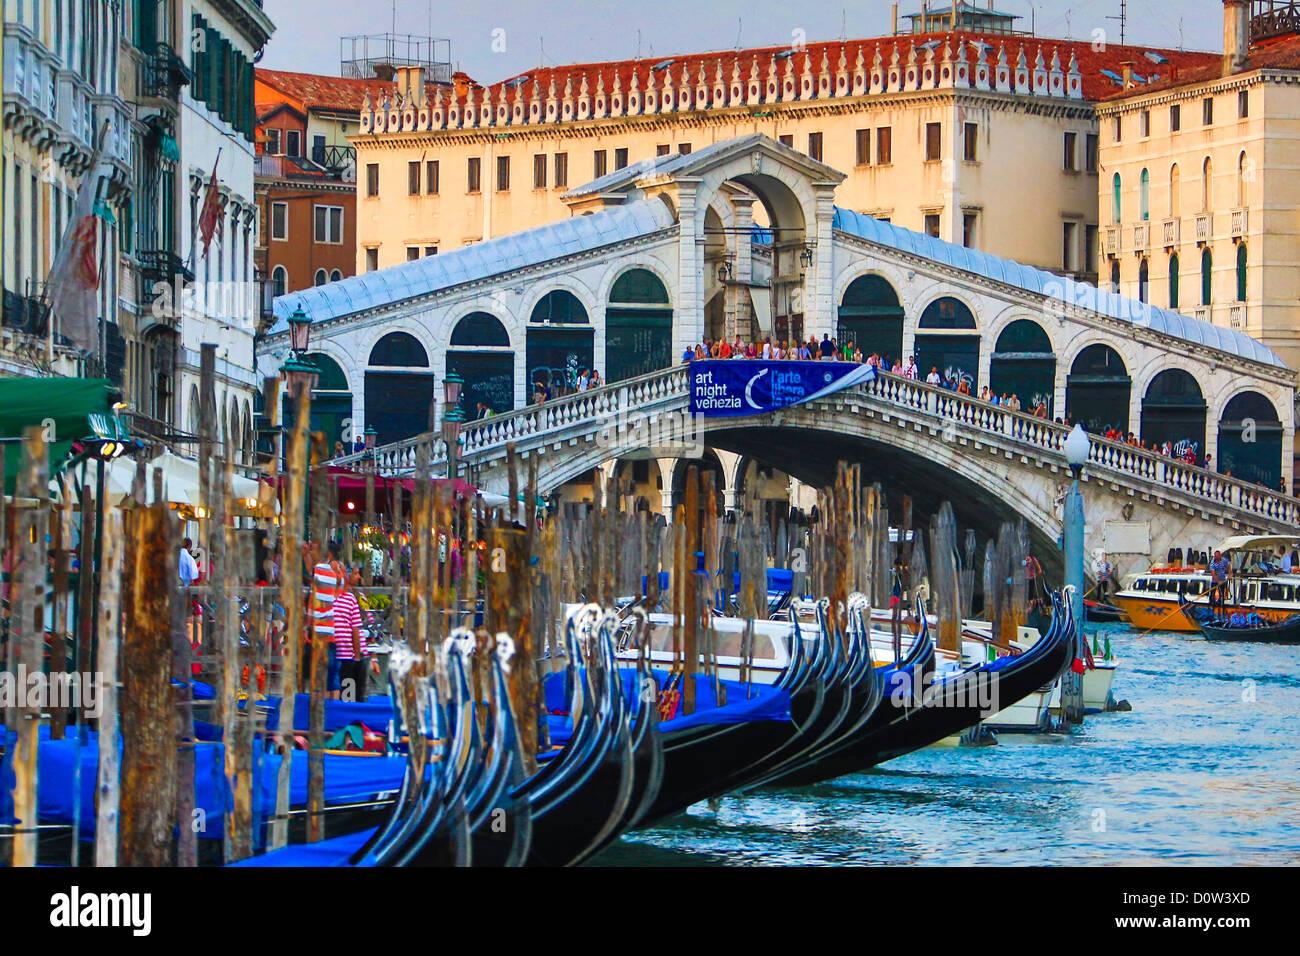 Italia, Europa, viajes, Venecia, Rialto, Puente, arquitectura, barcos, canal, colores, góndolas, el Canal Grande, Imagen De Stock